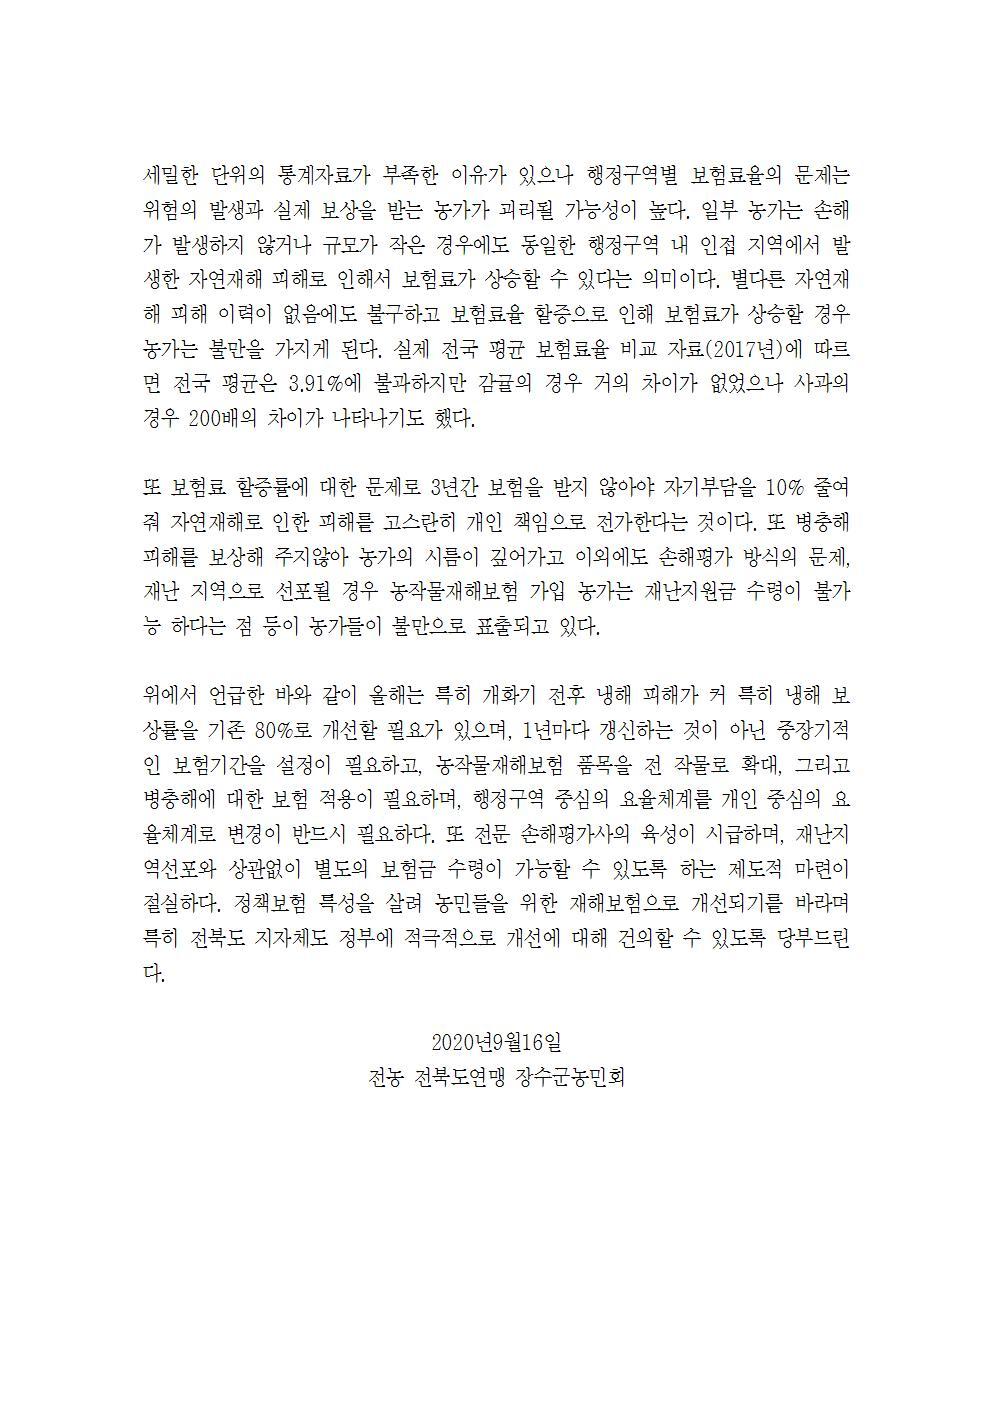 장수군 농민회 성명002.jpg